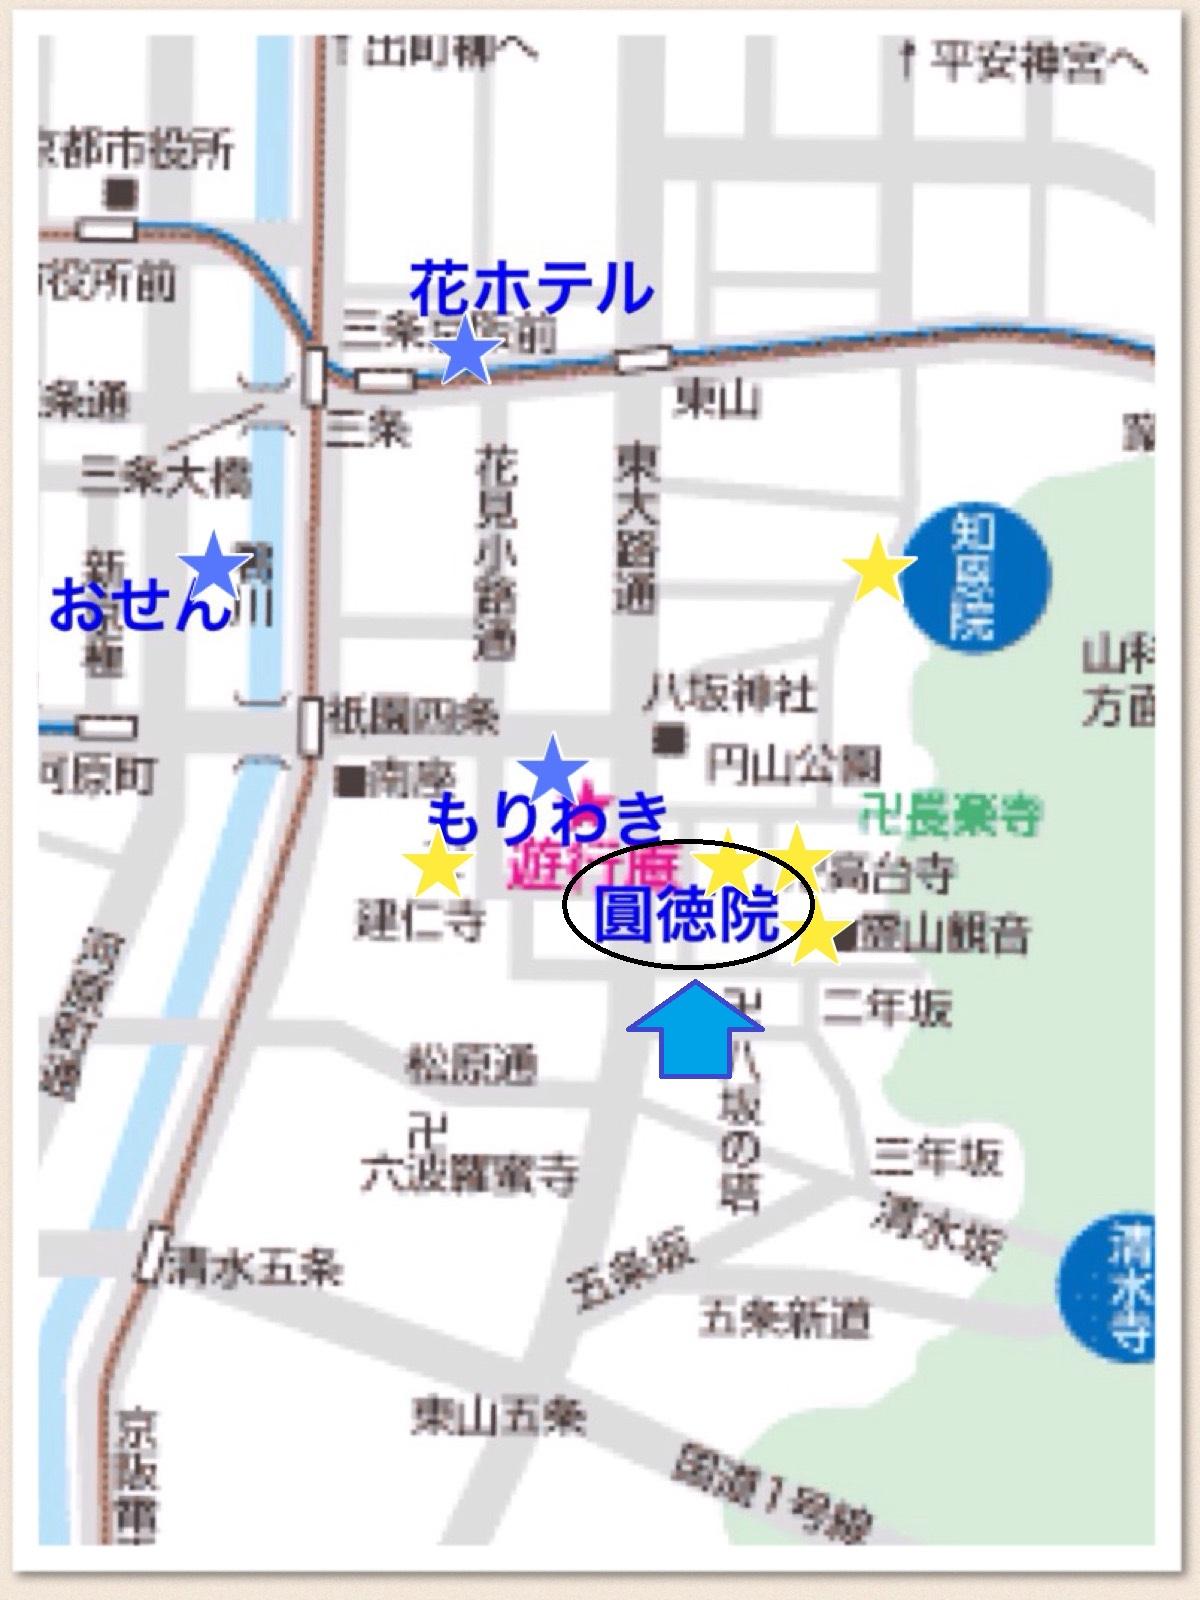 京都 圓徳院 マップ